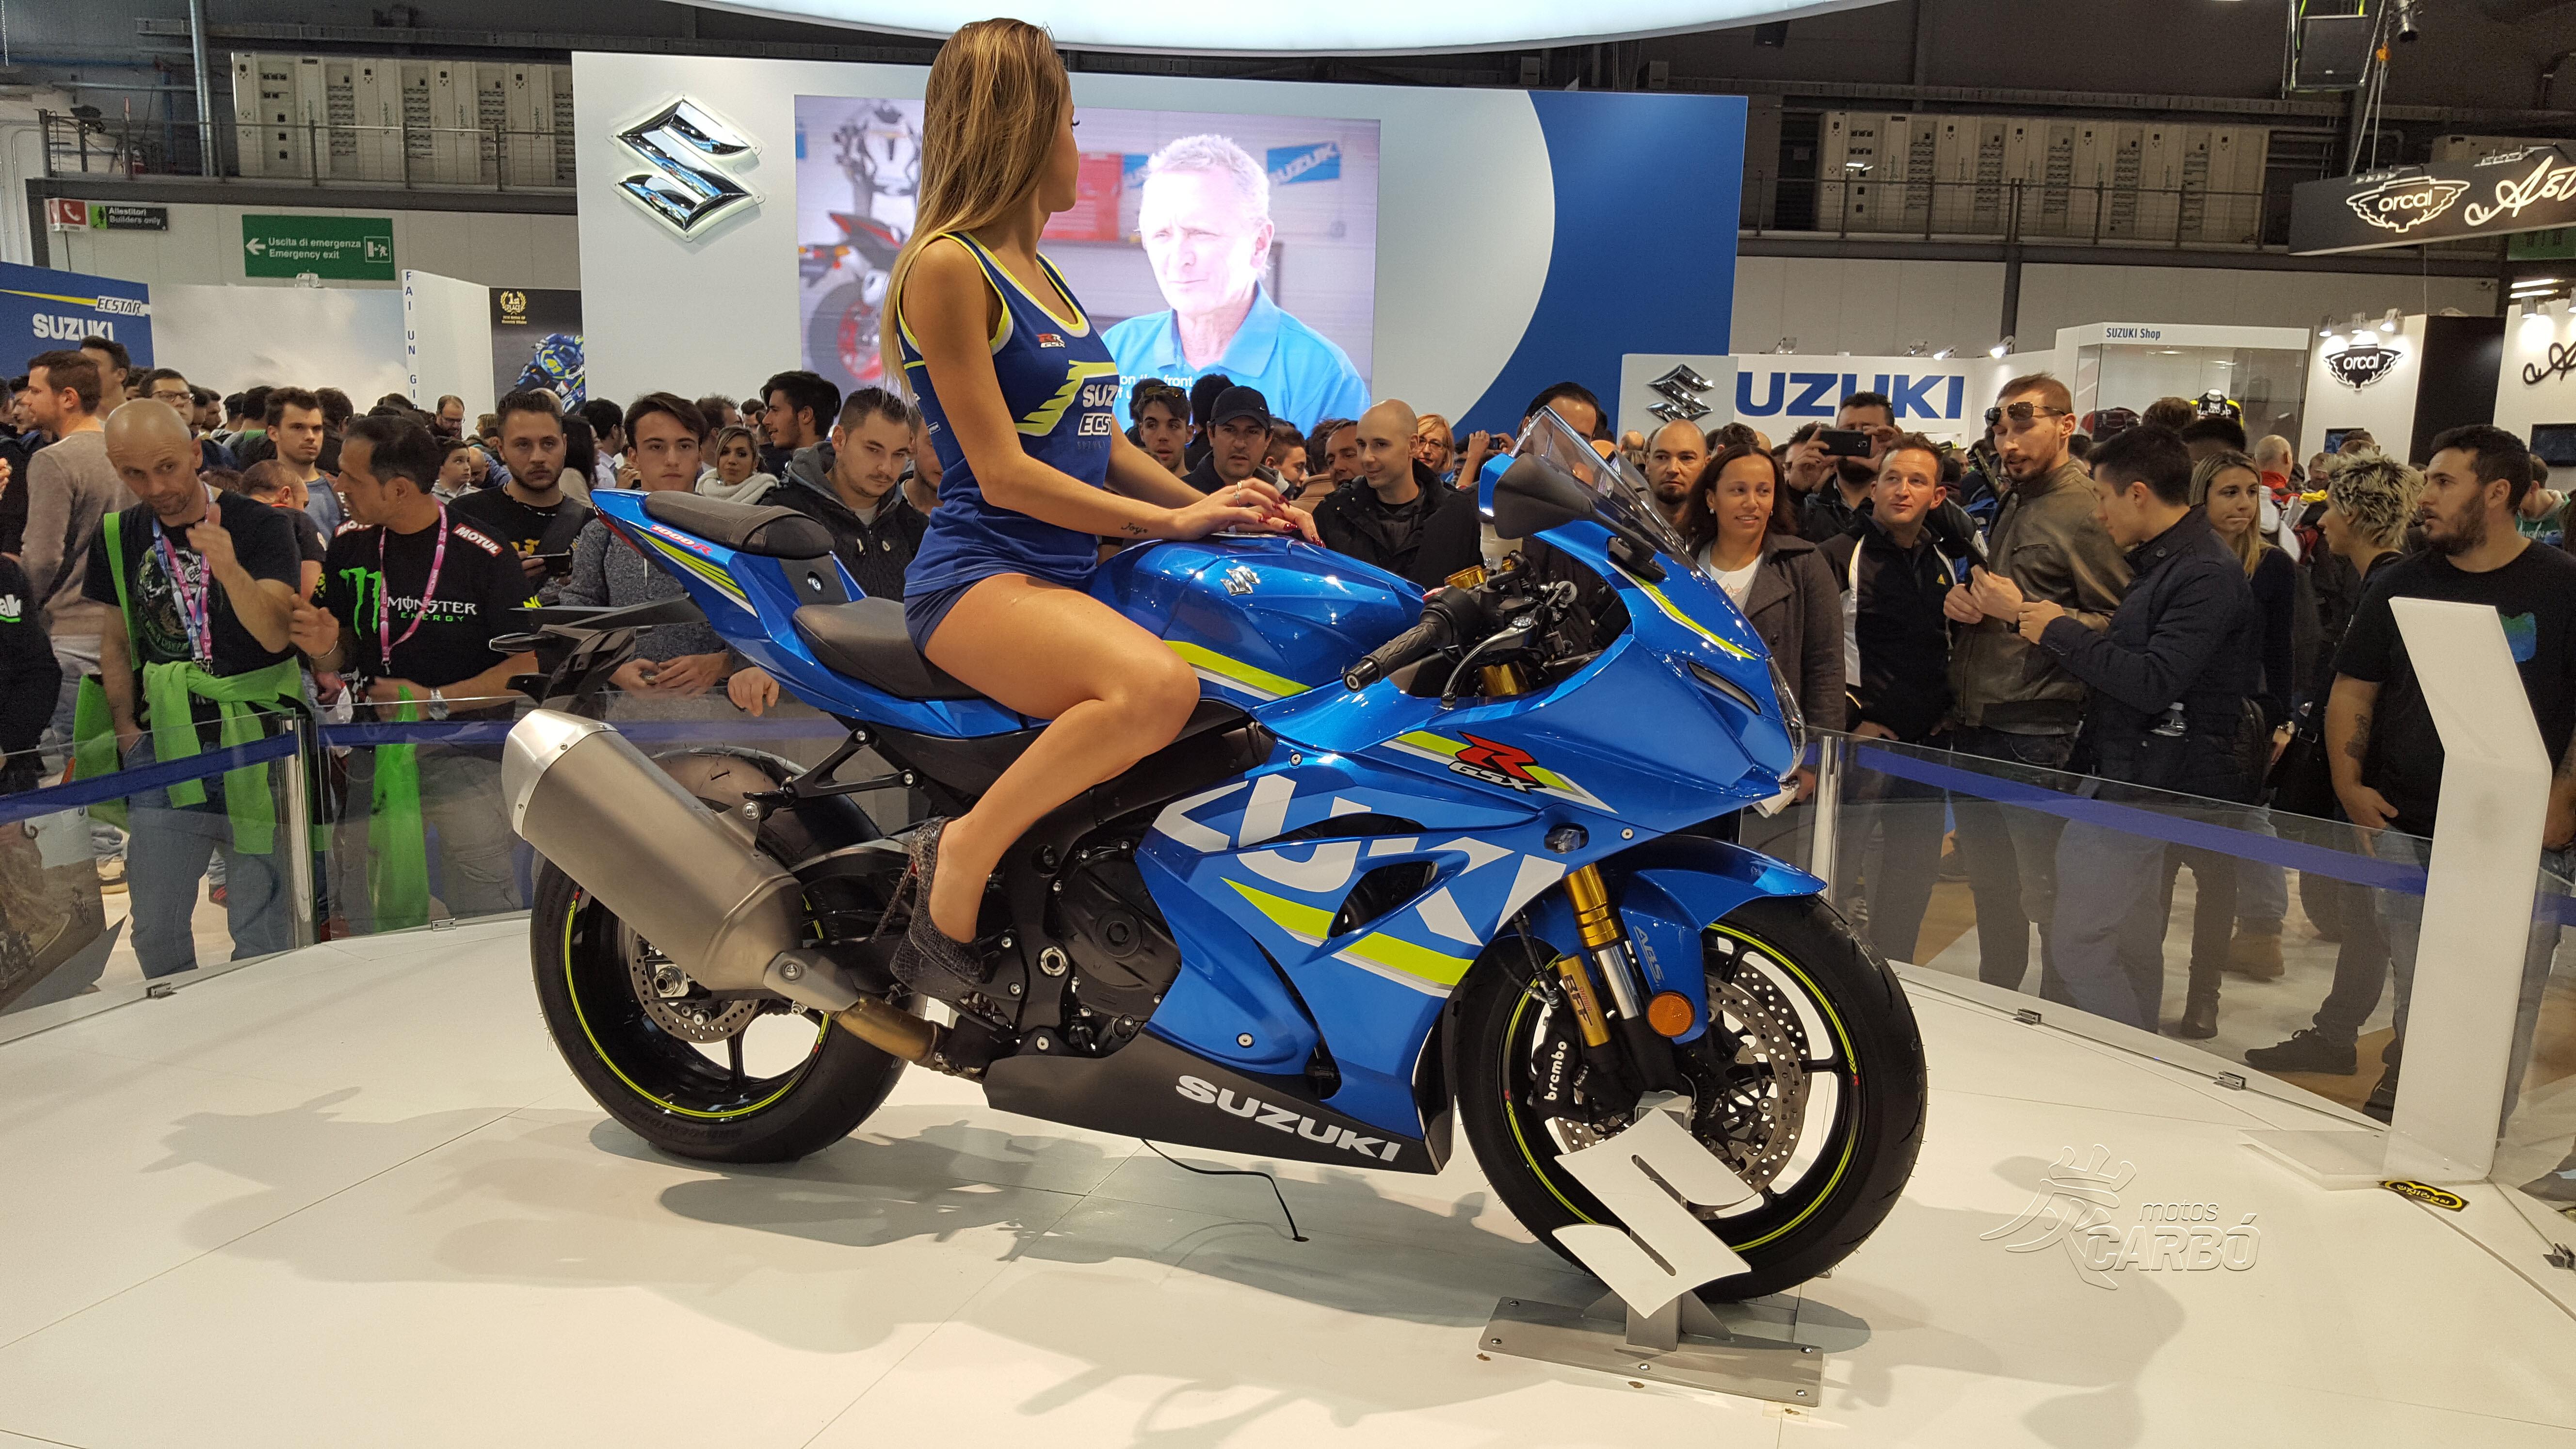 La nueva suzuki gsx r 1000 viene renovada completamente est tica motor electr nica un cambio radical a un veterano modelo ahora solo resta esperar su